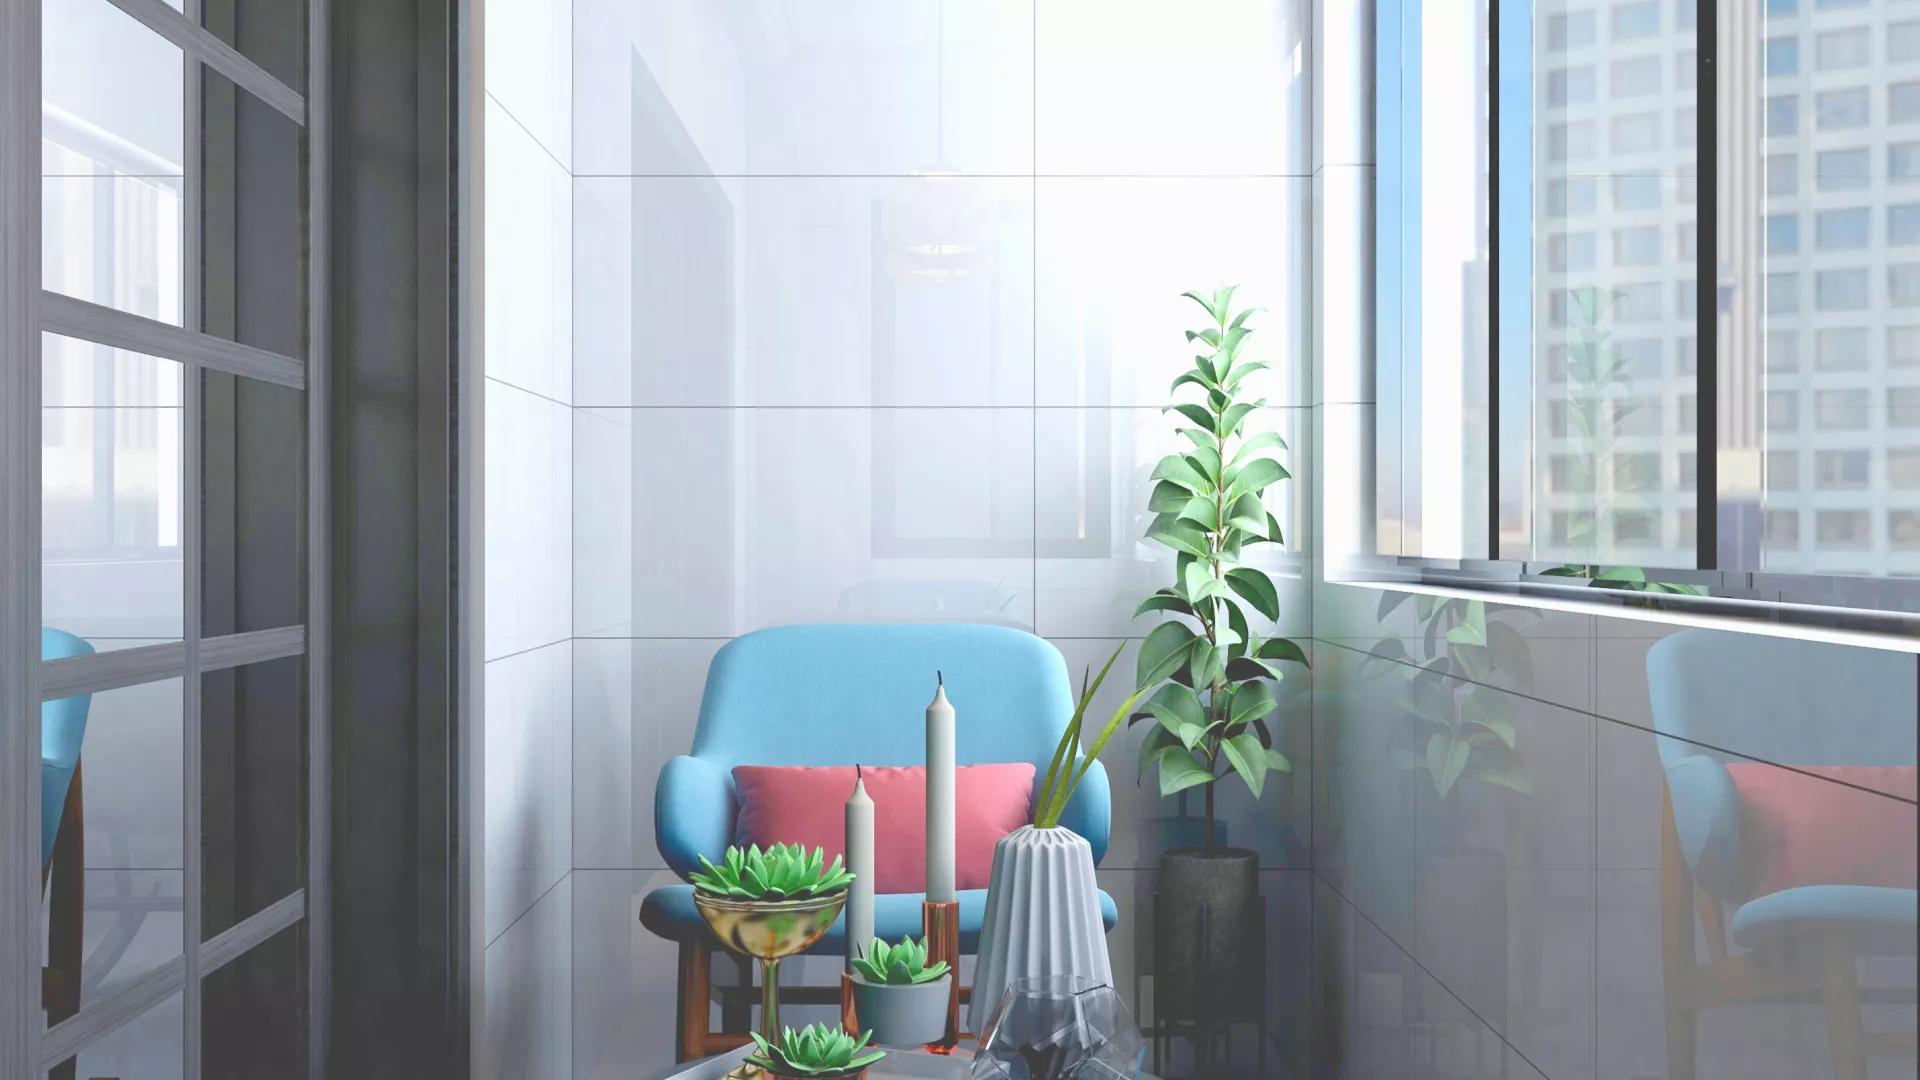 客厅装修风水问题 客厅装修风水禁忌